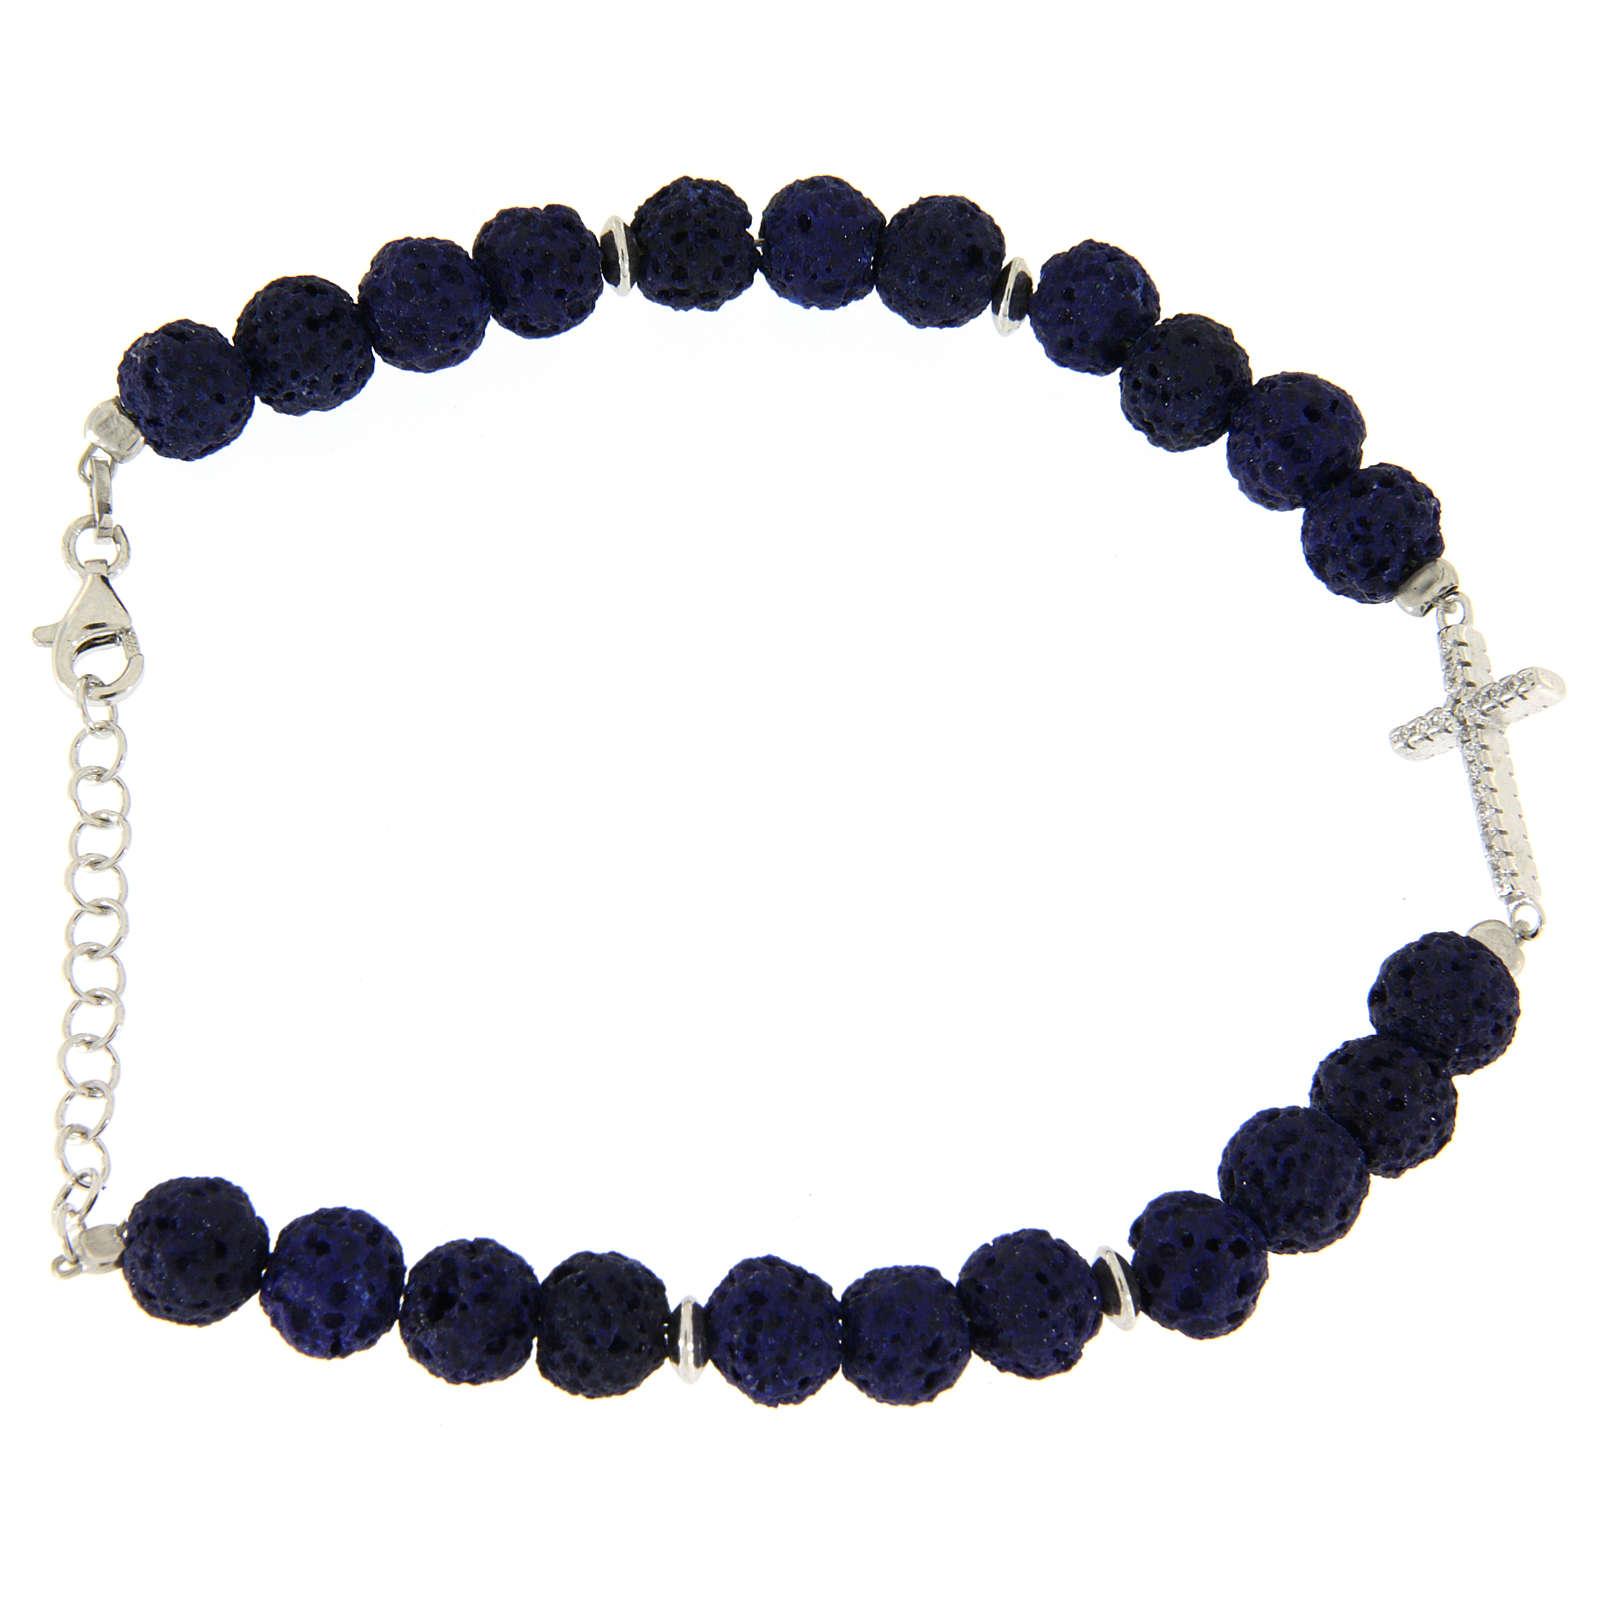 Bracciale pietre laviche blu e inserto croce zirconata bianca - argento 925 4